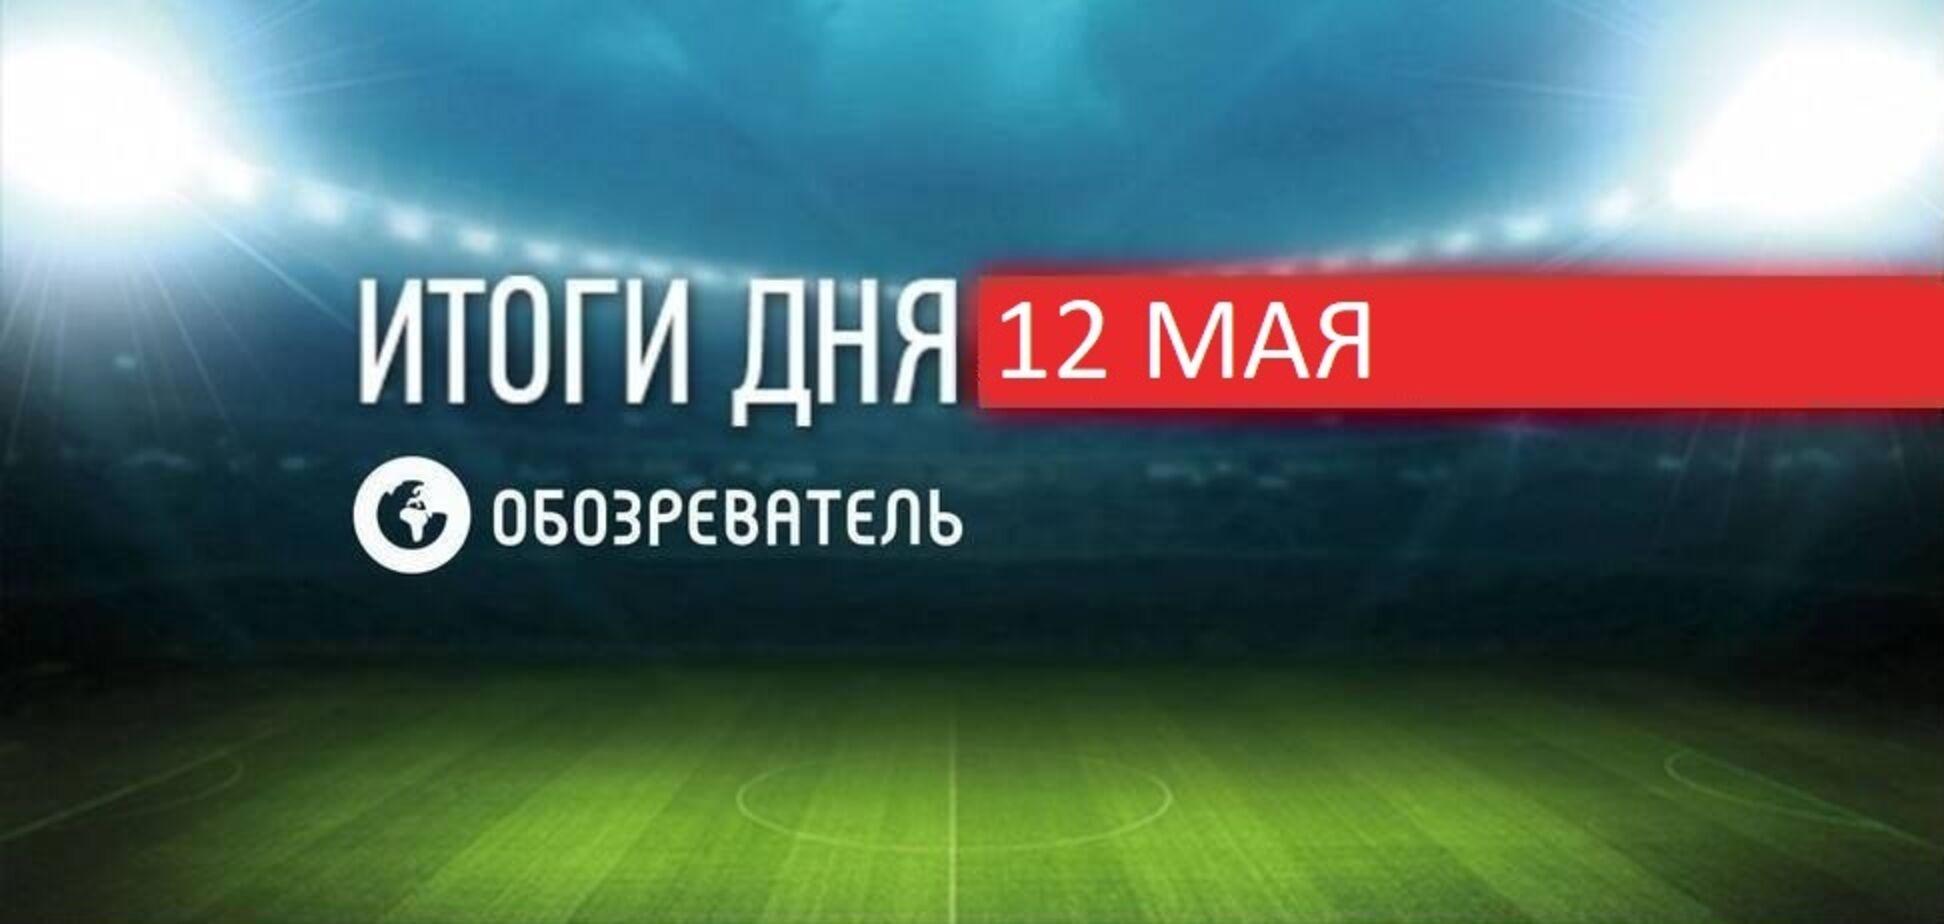 Новини спорту 12 травня: гравці 'Ювентуса' збунтувалися проти Роналду